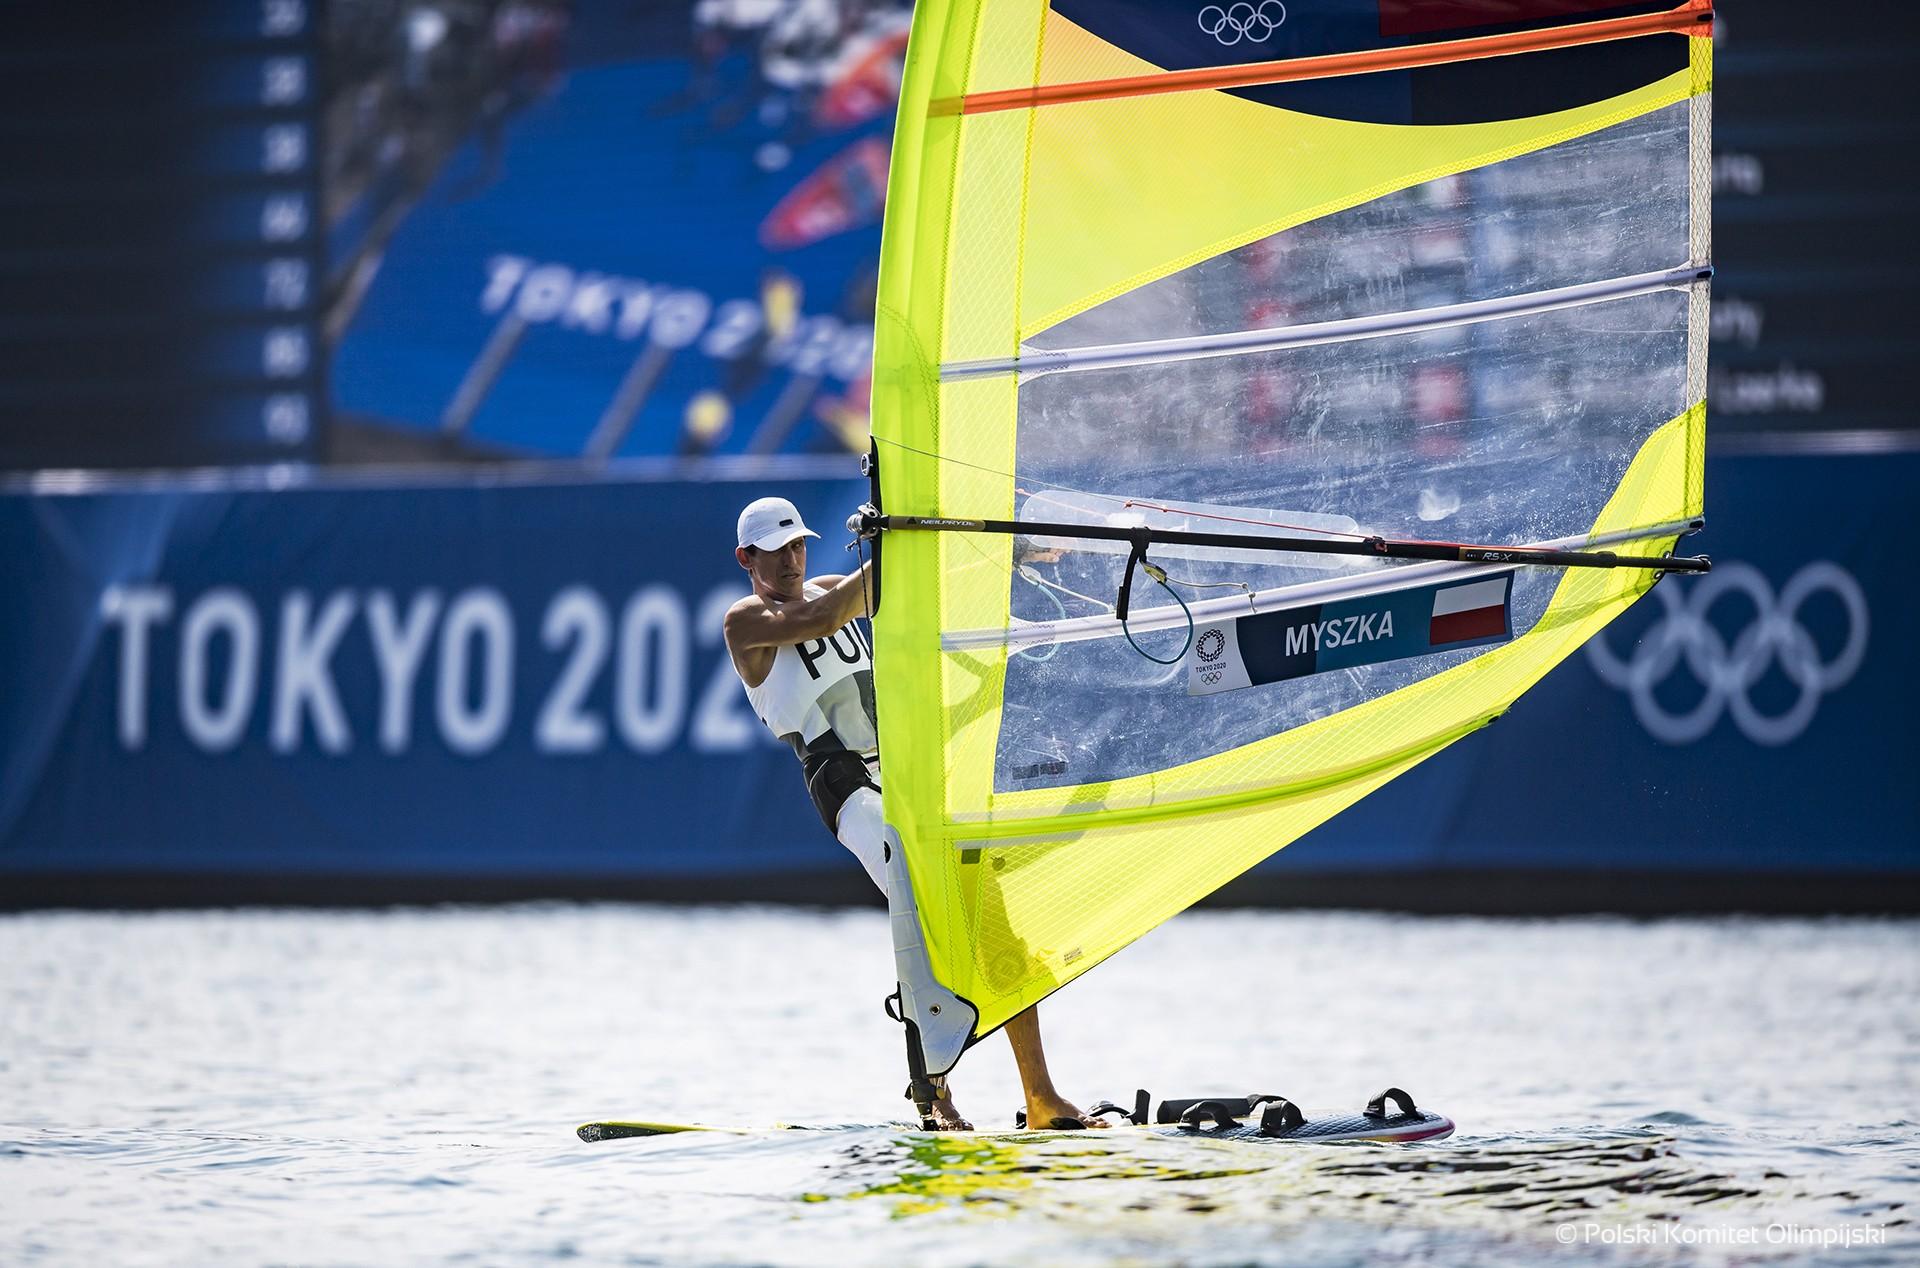 Piotr Myszka bez medalu w RS:X